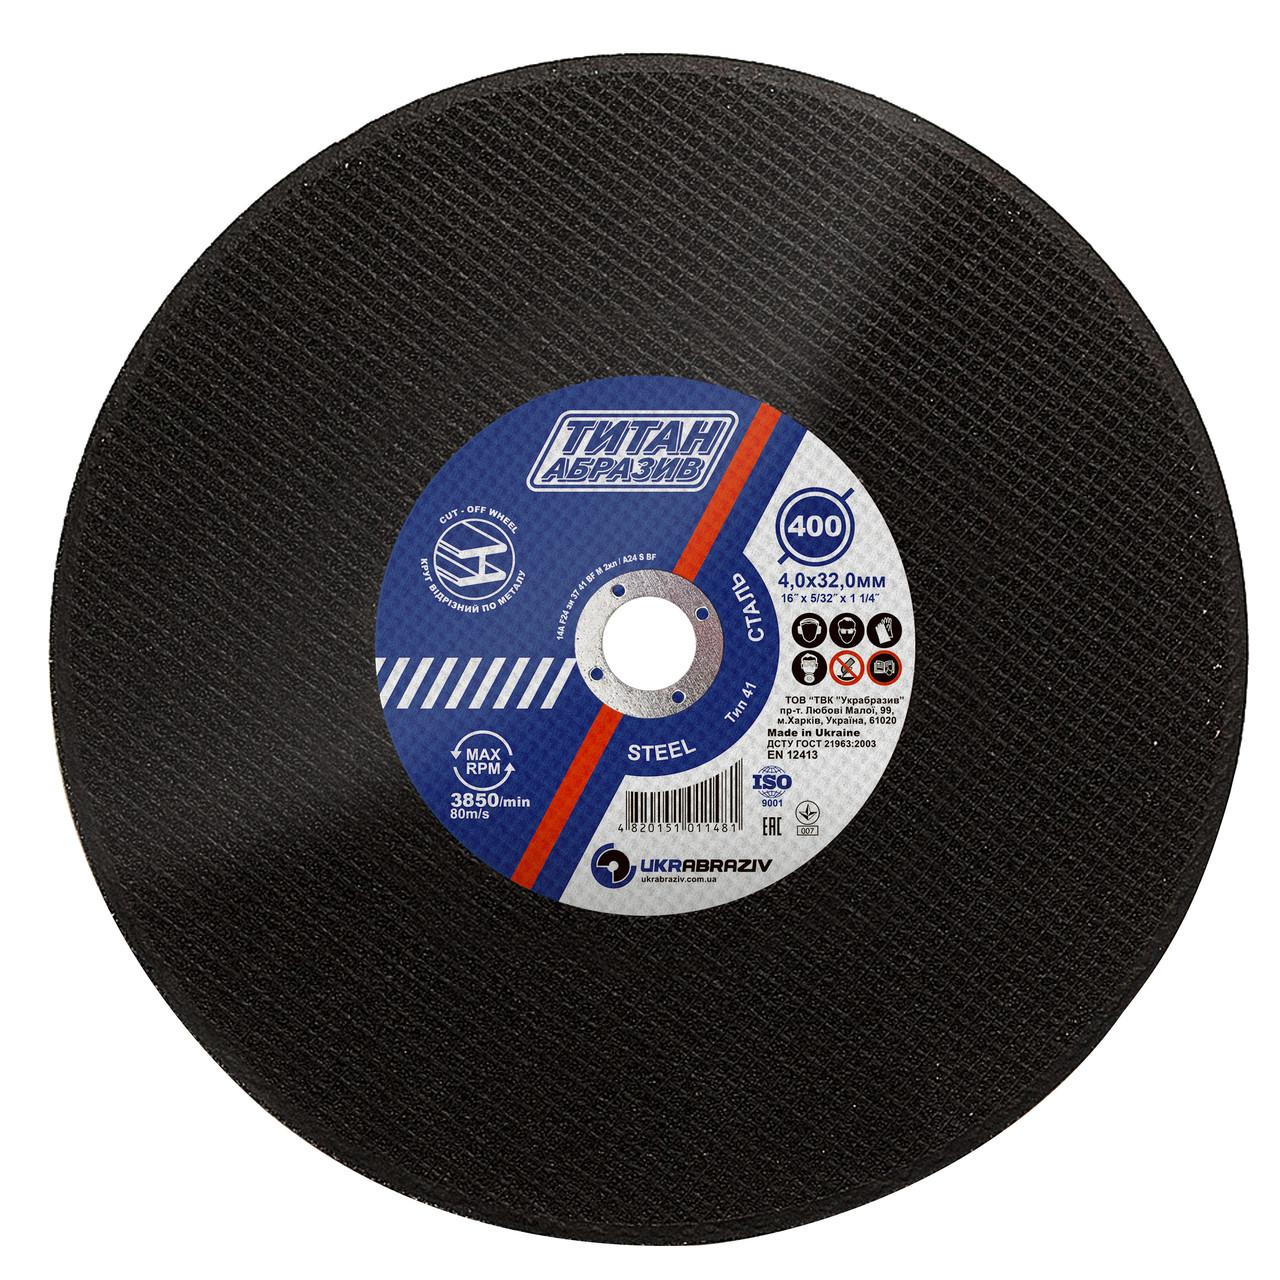 Відрізний круг 400x4,0x32 Титан Абразив